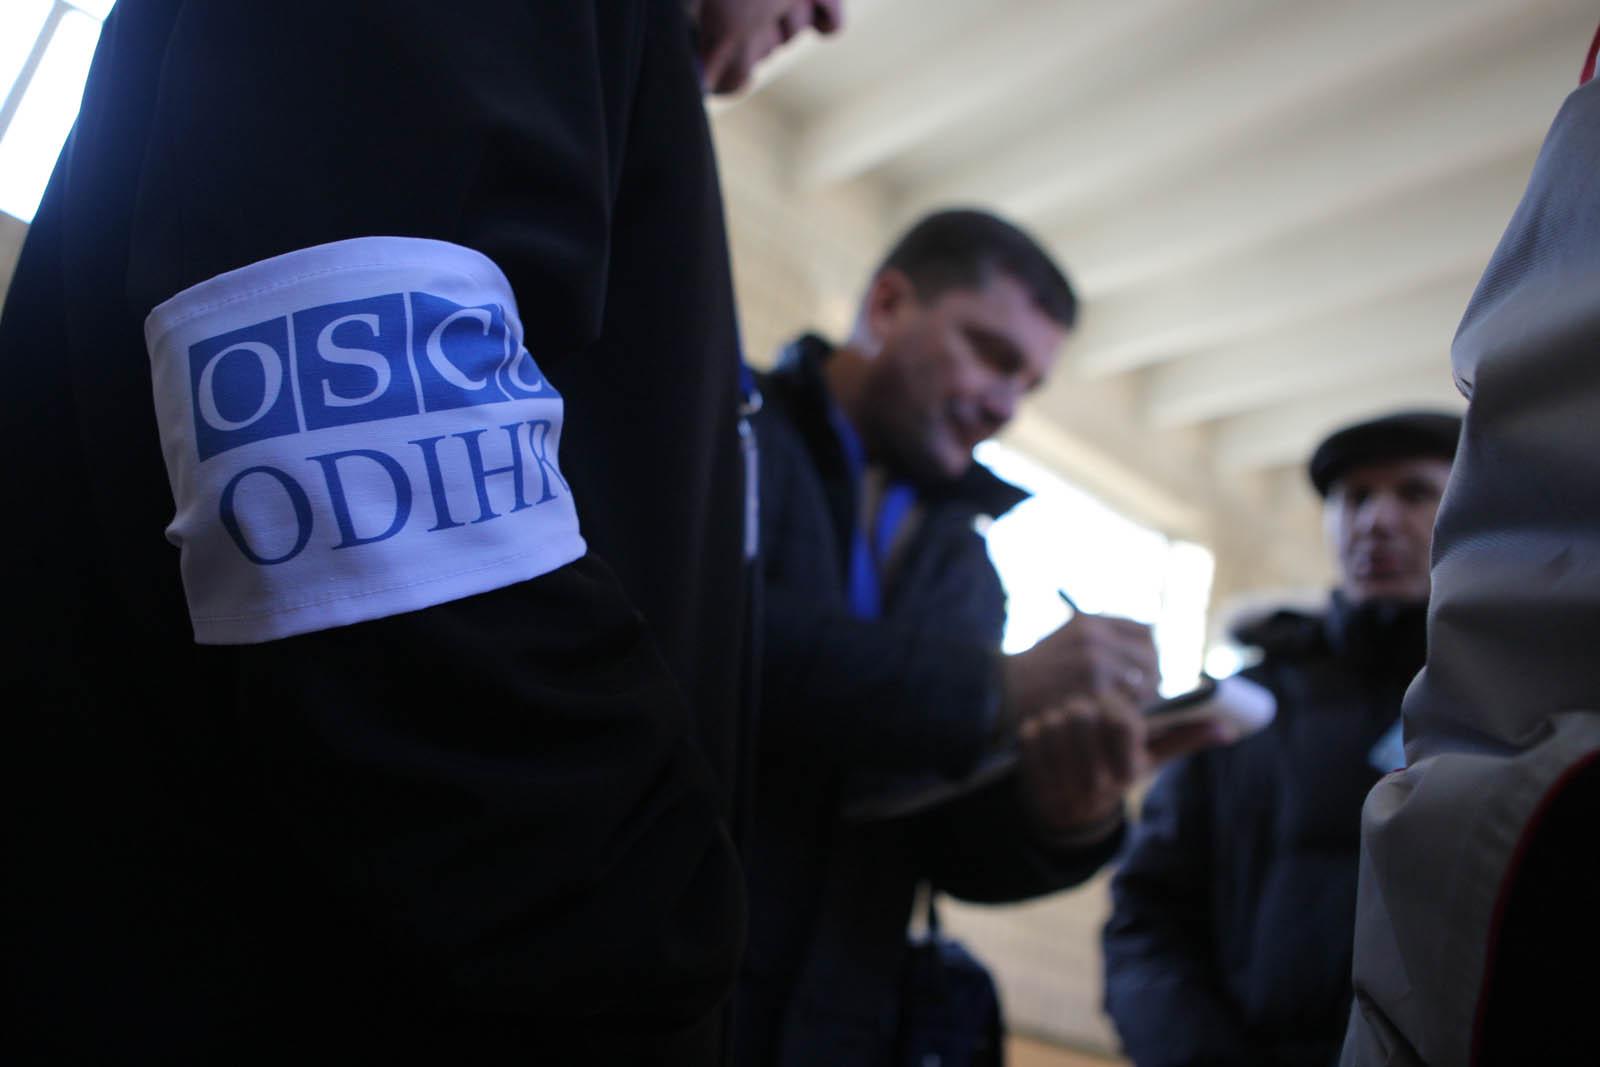 ОБСЕ отказалась отправлять наблюдателей на российские выборы в Крыму